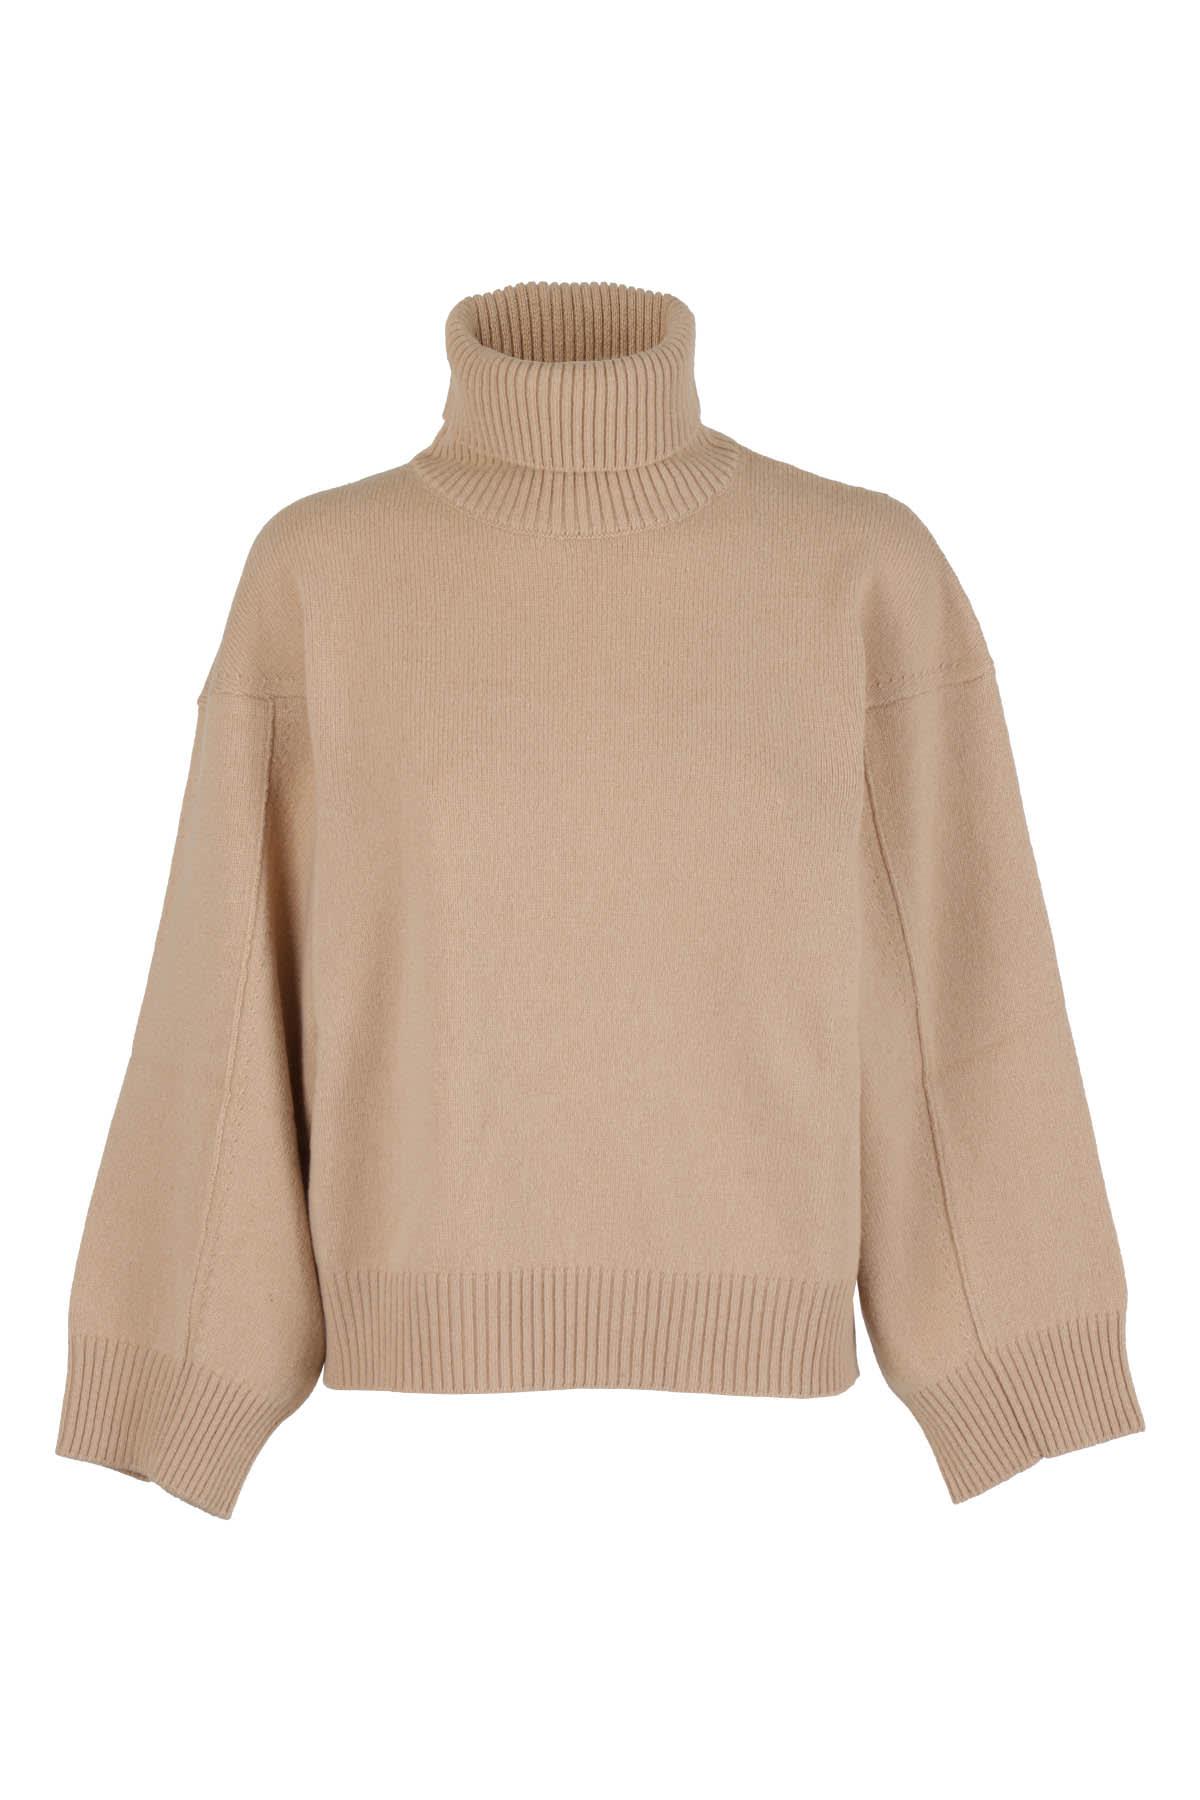 Tela Sweater In Beige